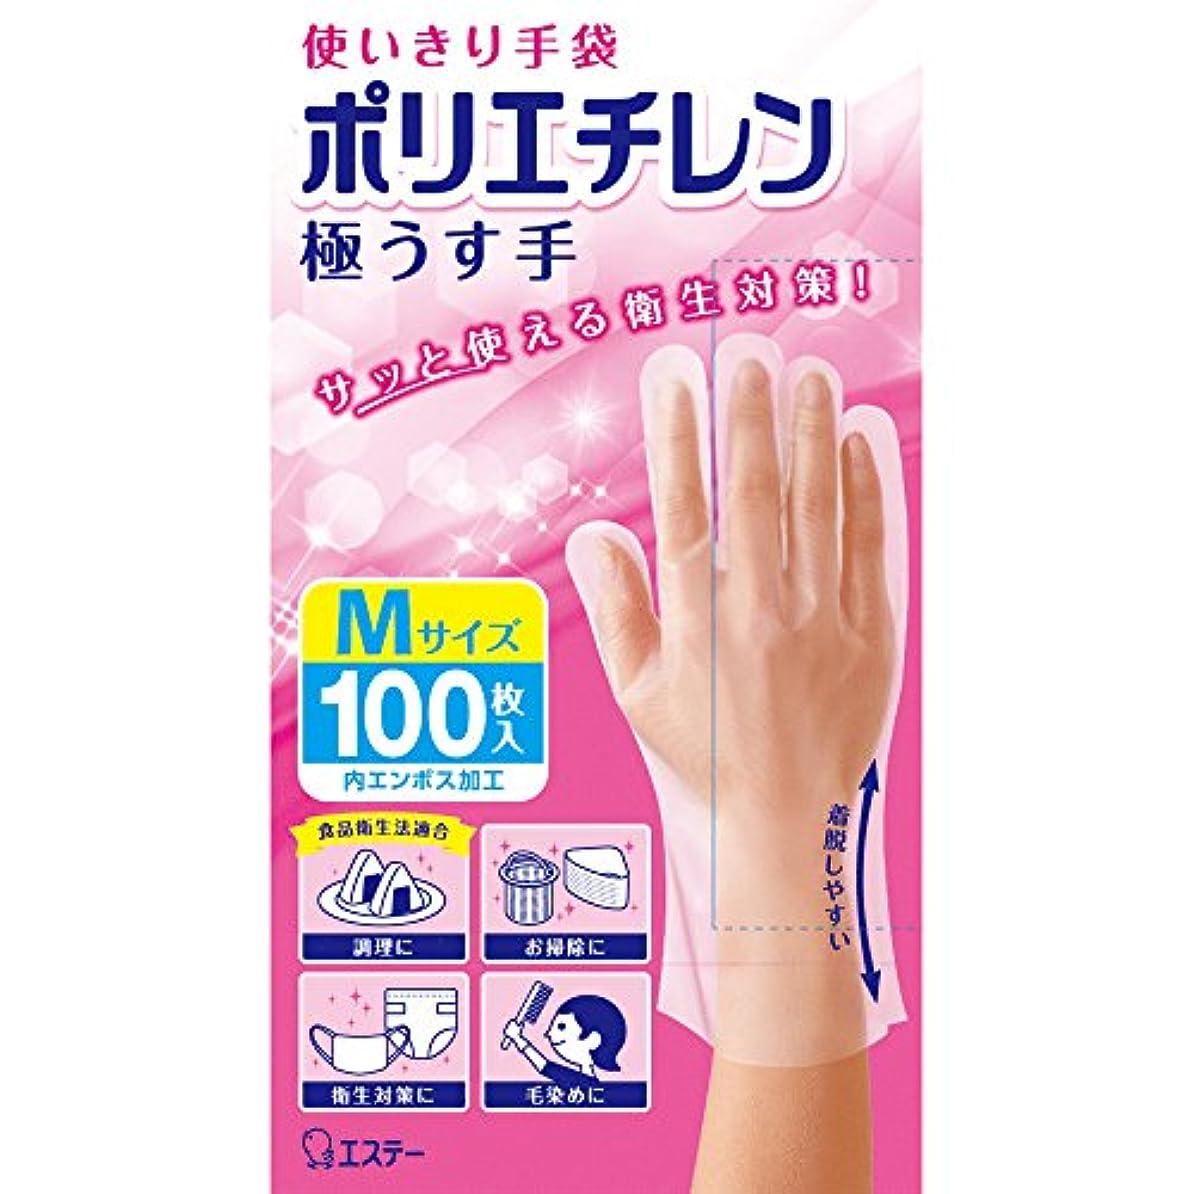 ビュッフェ表現最も遠い使いきり手袋 ポリエチレン 極うす手 Mサイズ 半透明 100枚 使い捨て 食品衛生法適合